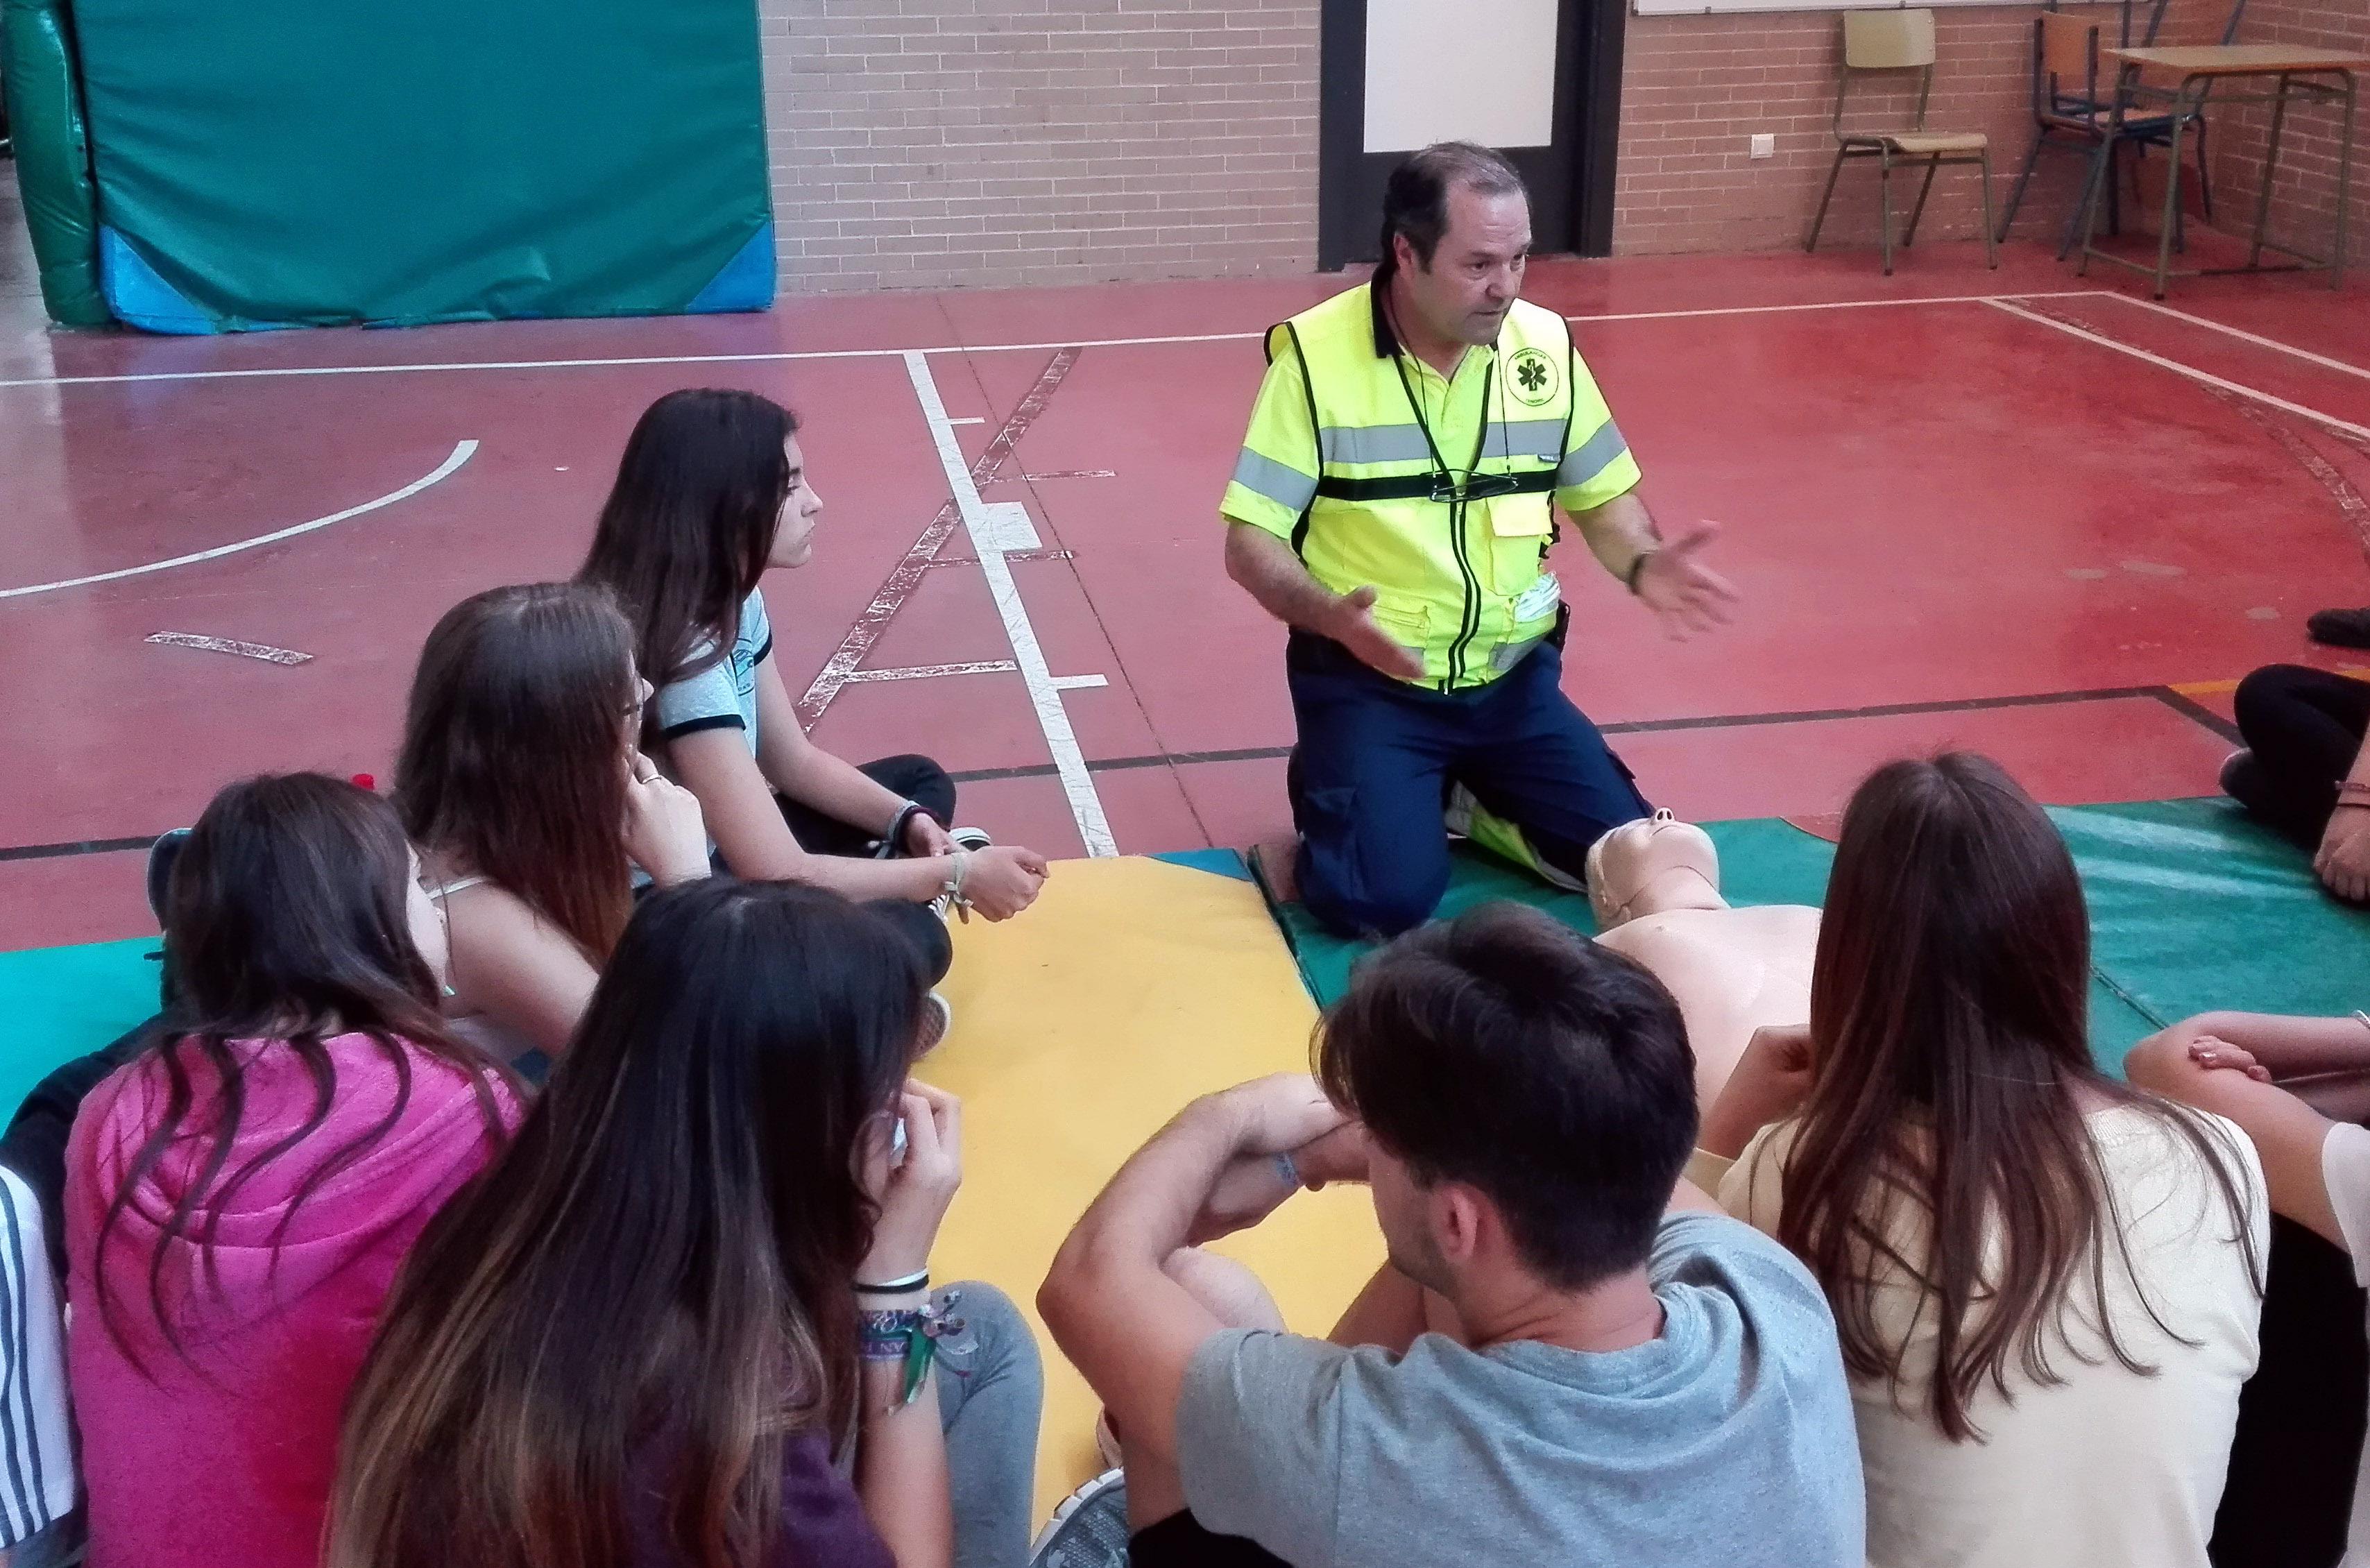 100 alumnos del Instituto de Villaverde del Río reciben formación básica de reanimación cardiopulmonar